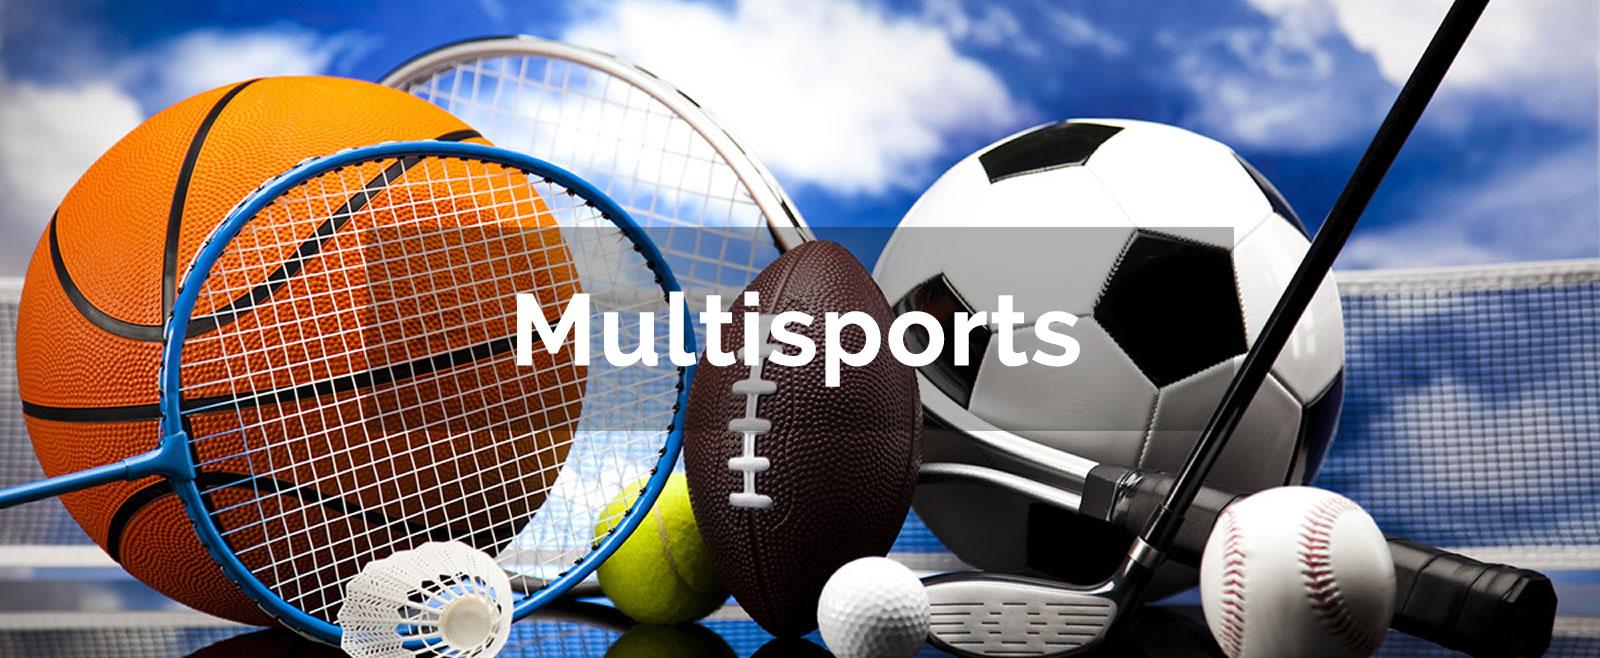 """Résultat de recherche d'images pour """"multisport image"""""""